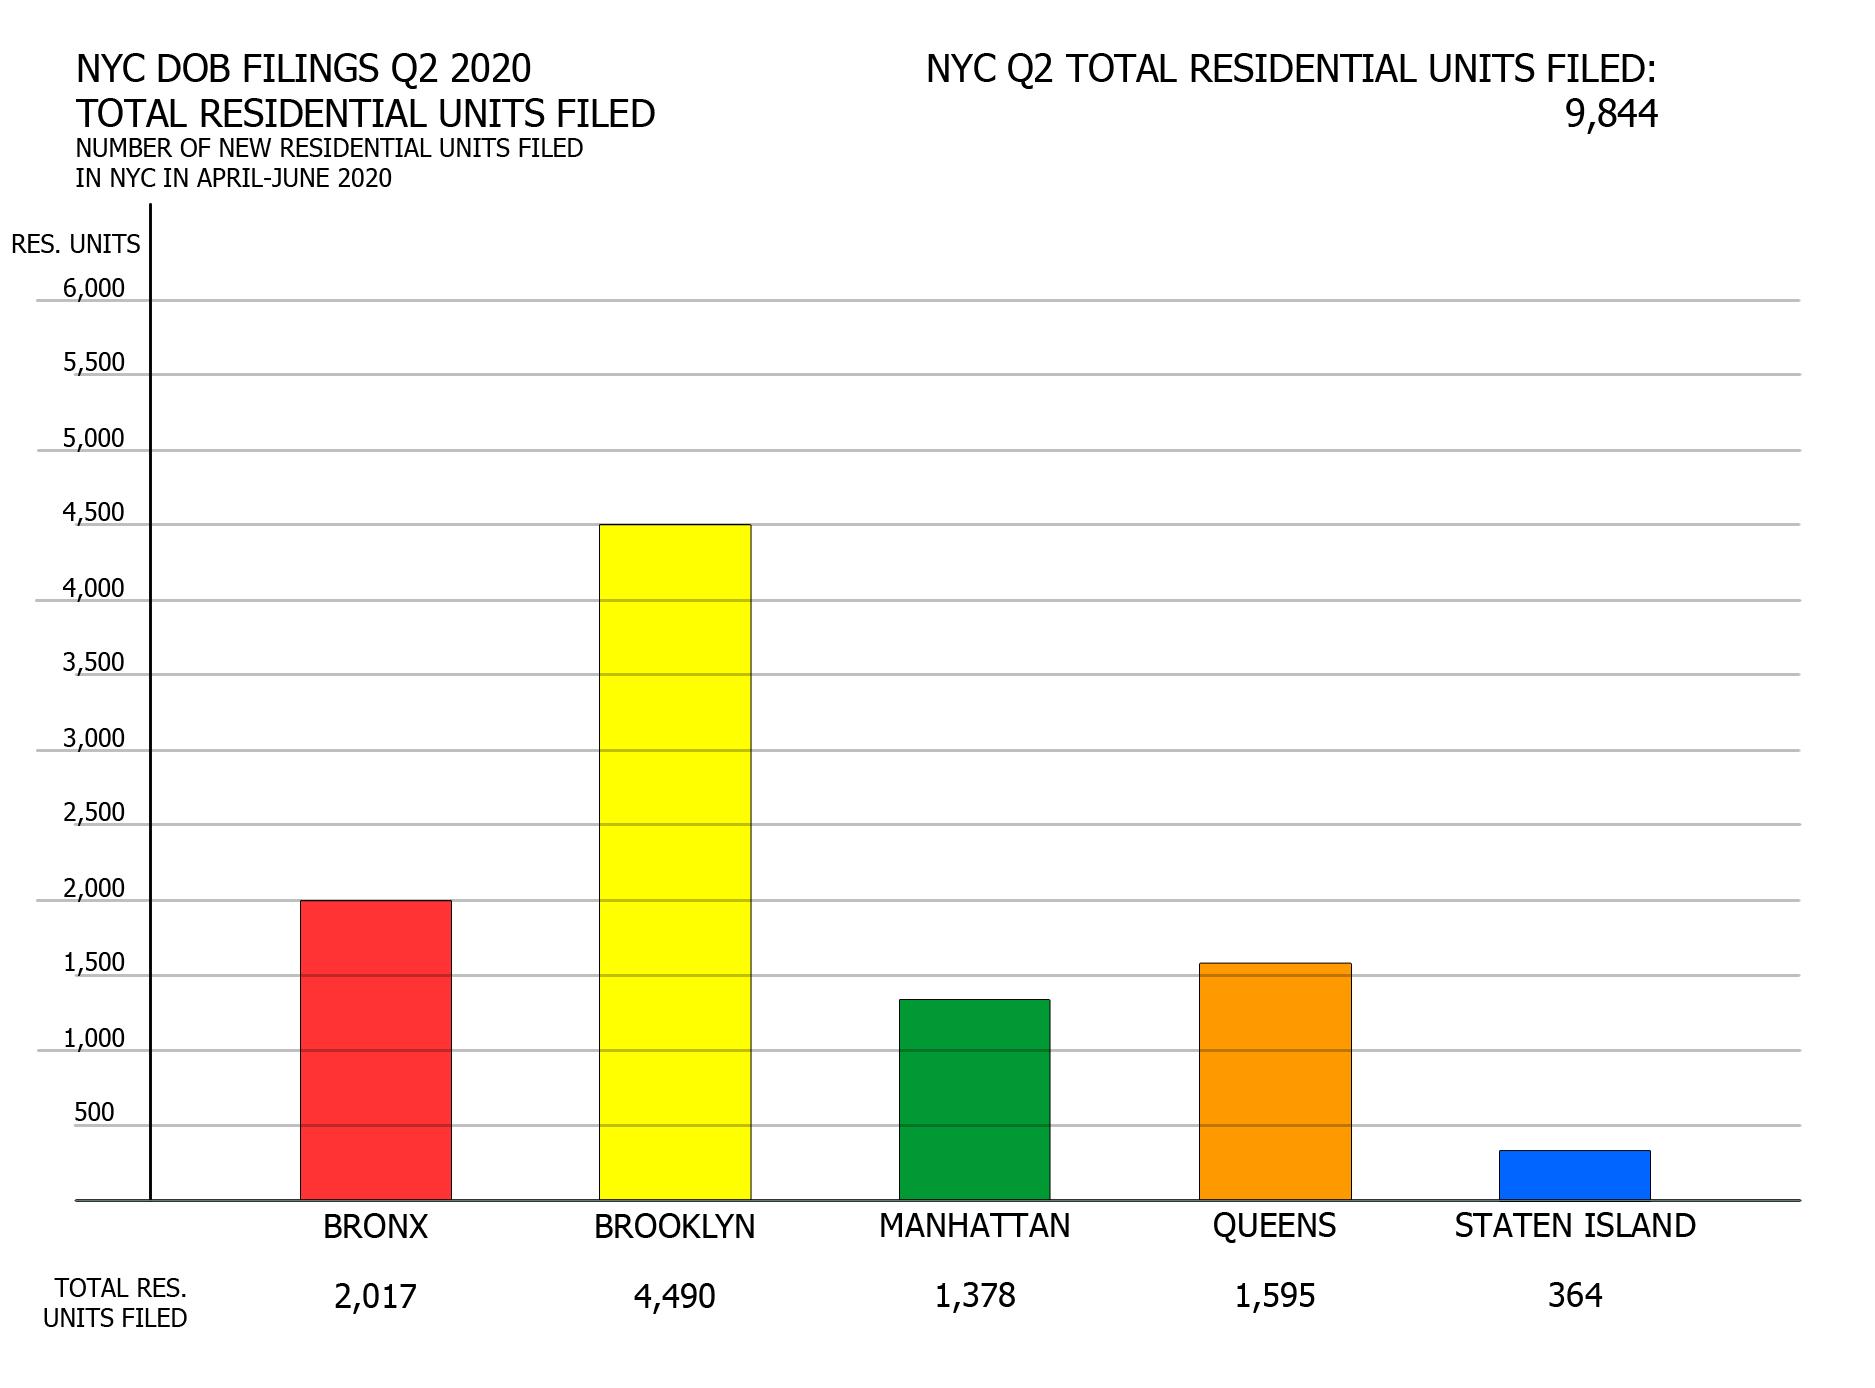 NYC Q2 2020 filings - Total proposed units per borough. Image credit: Vitali Ogorodnikov